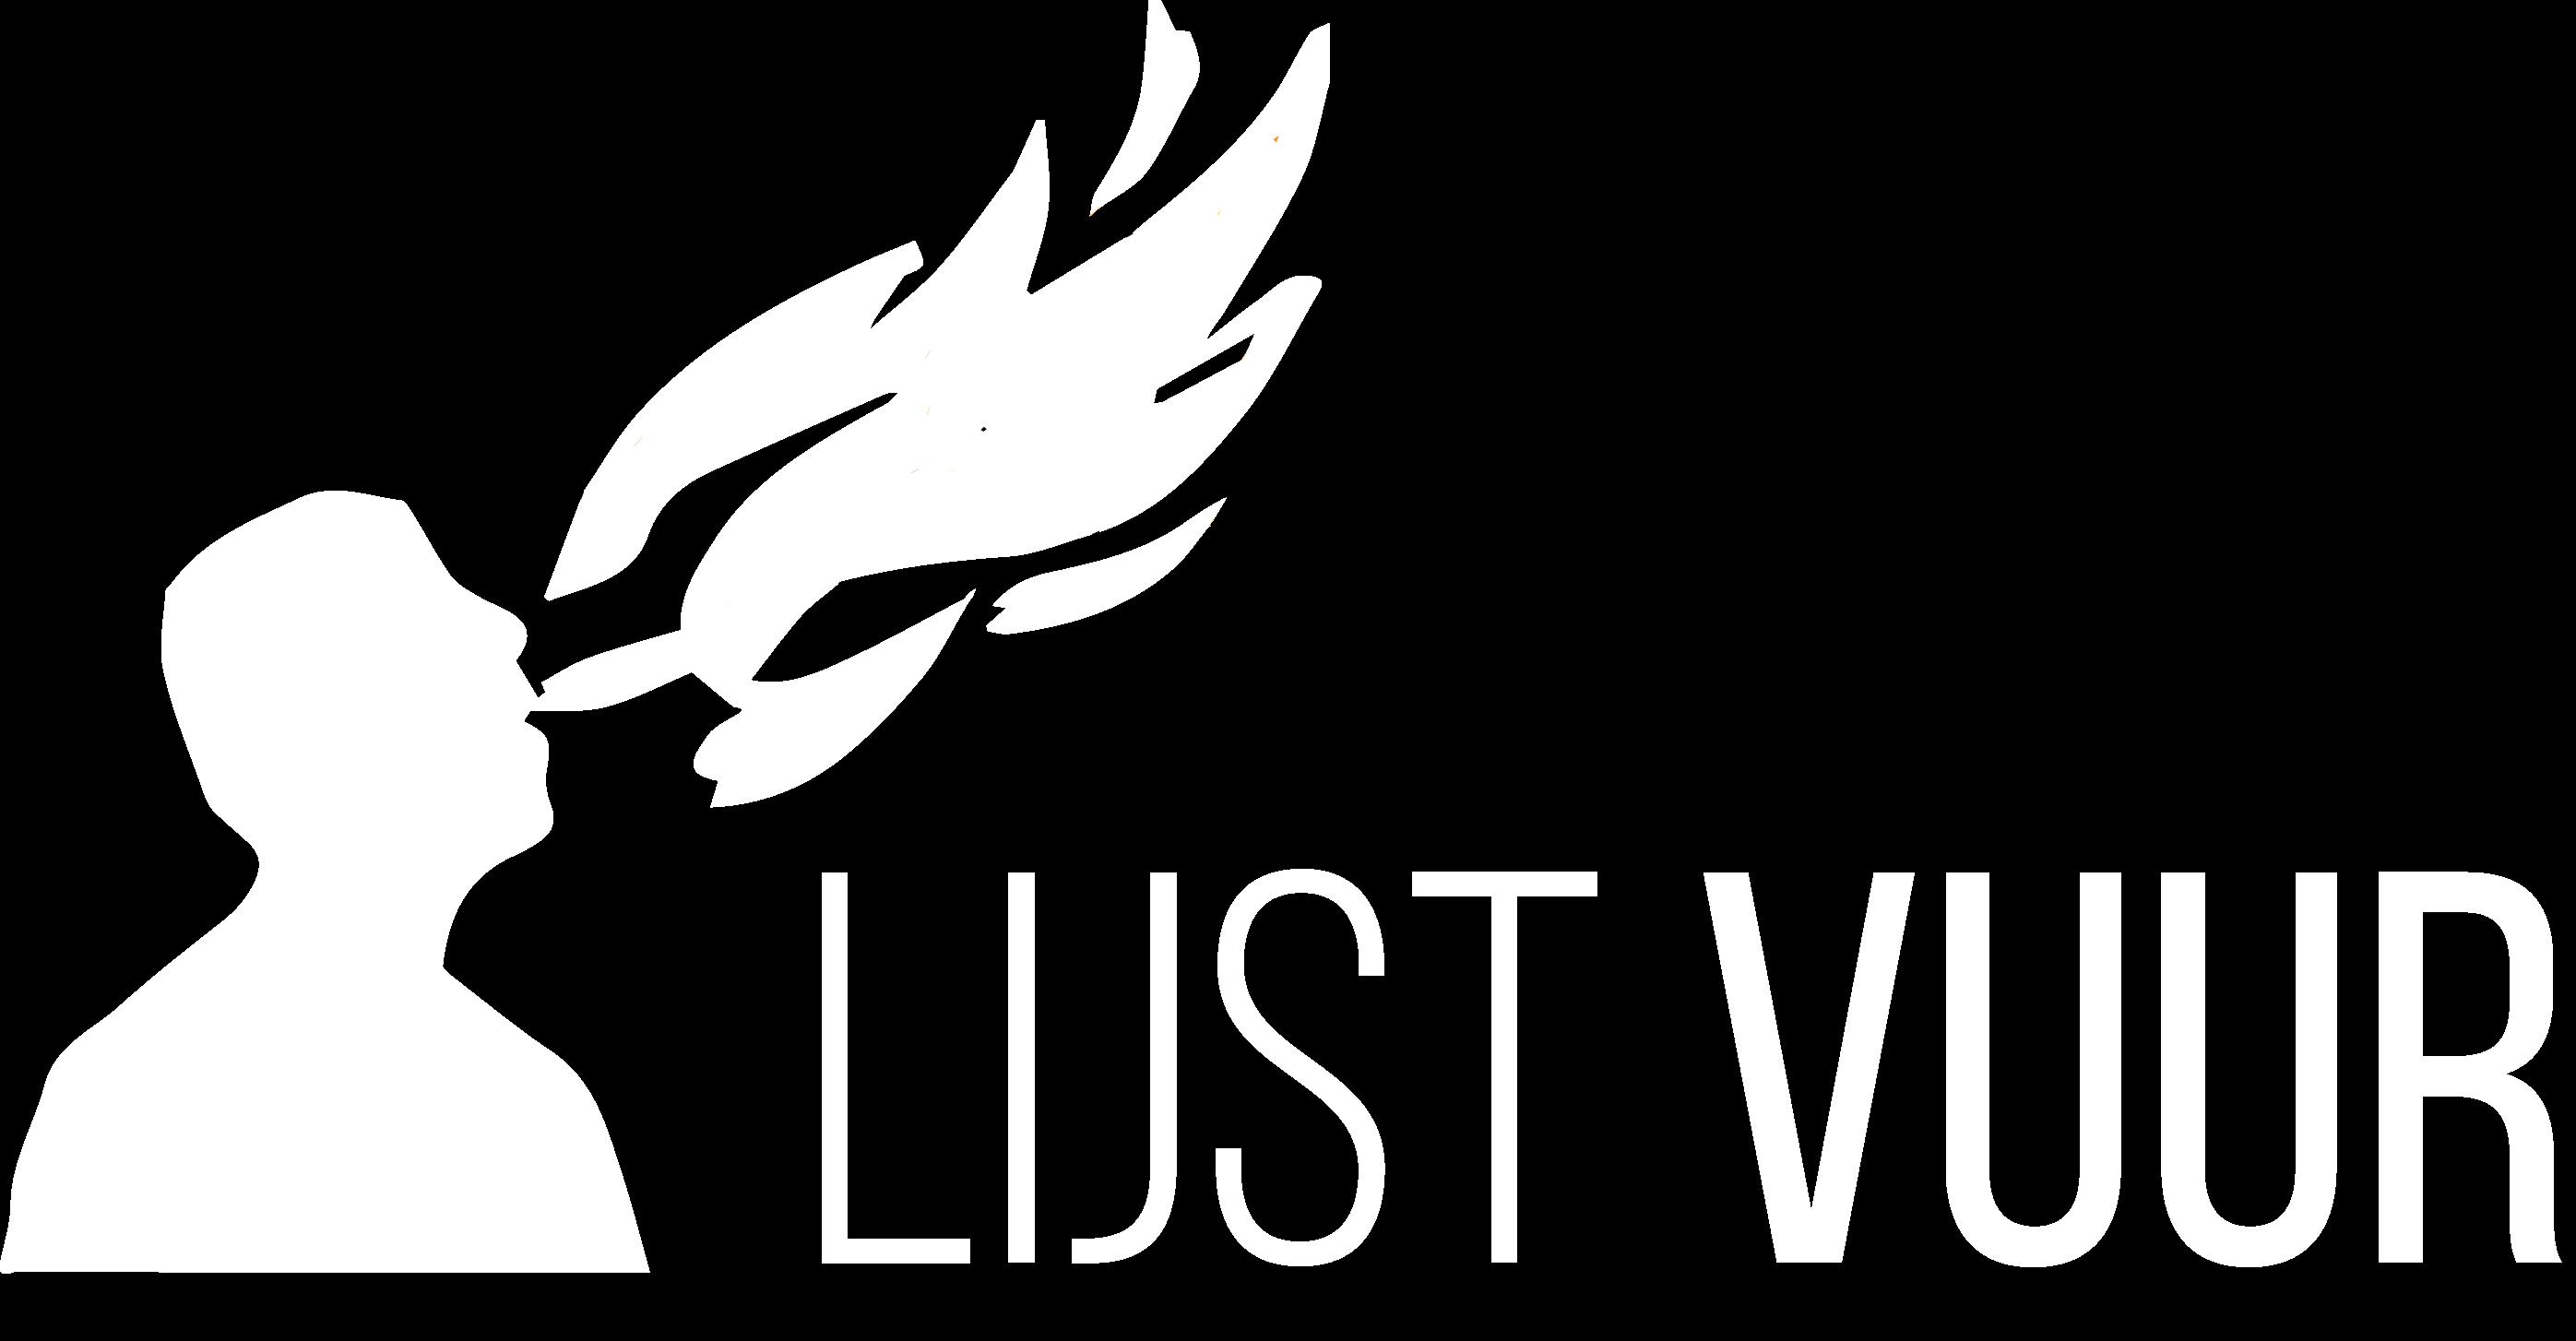 Lijst VUUR